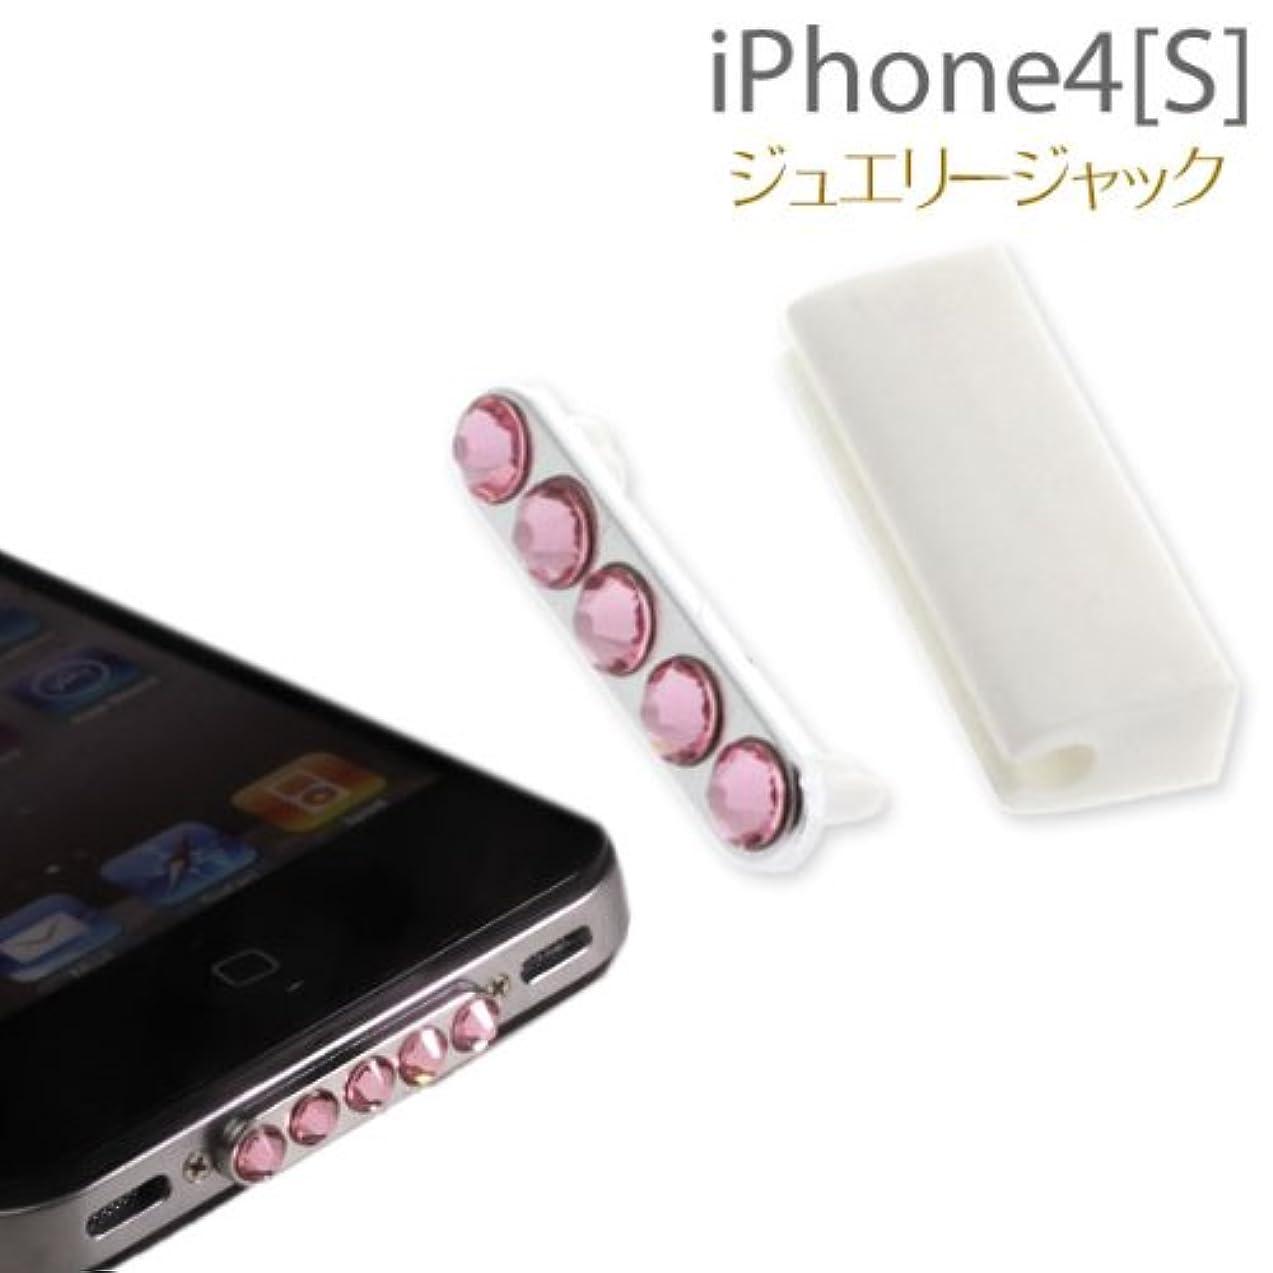 検出可能何十人も枯渇する【iDress】iPhone4S/4ドックコネクタ用ジュエリージャック2nd☆アイフォンアクセ通販☆【メール便可】【ピンクサファイア】